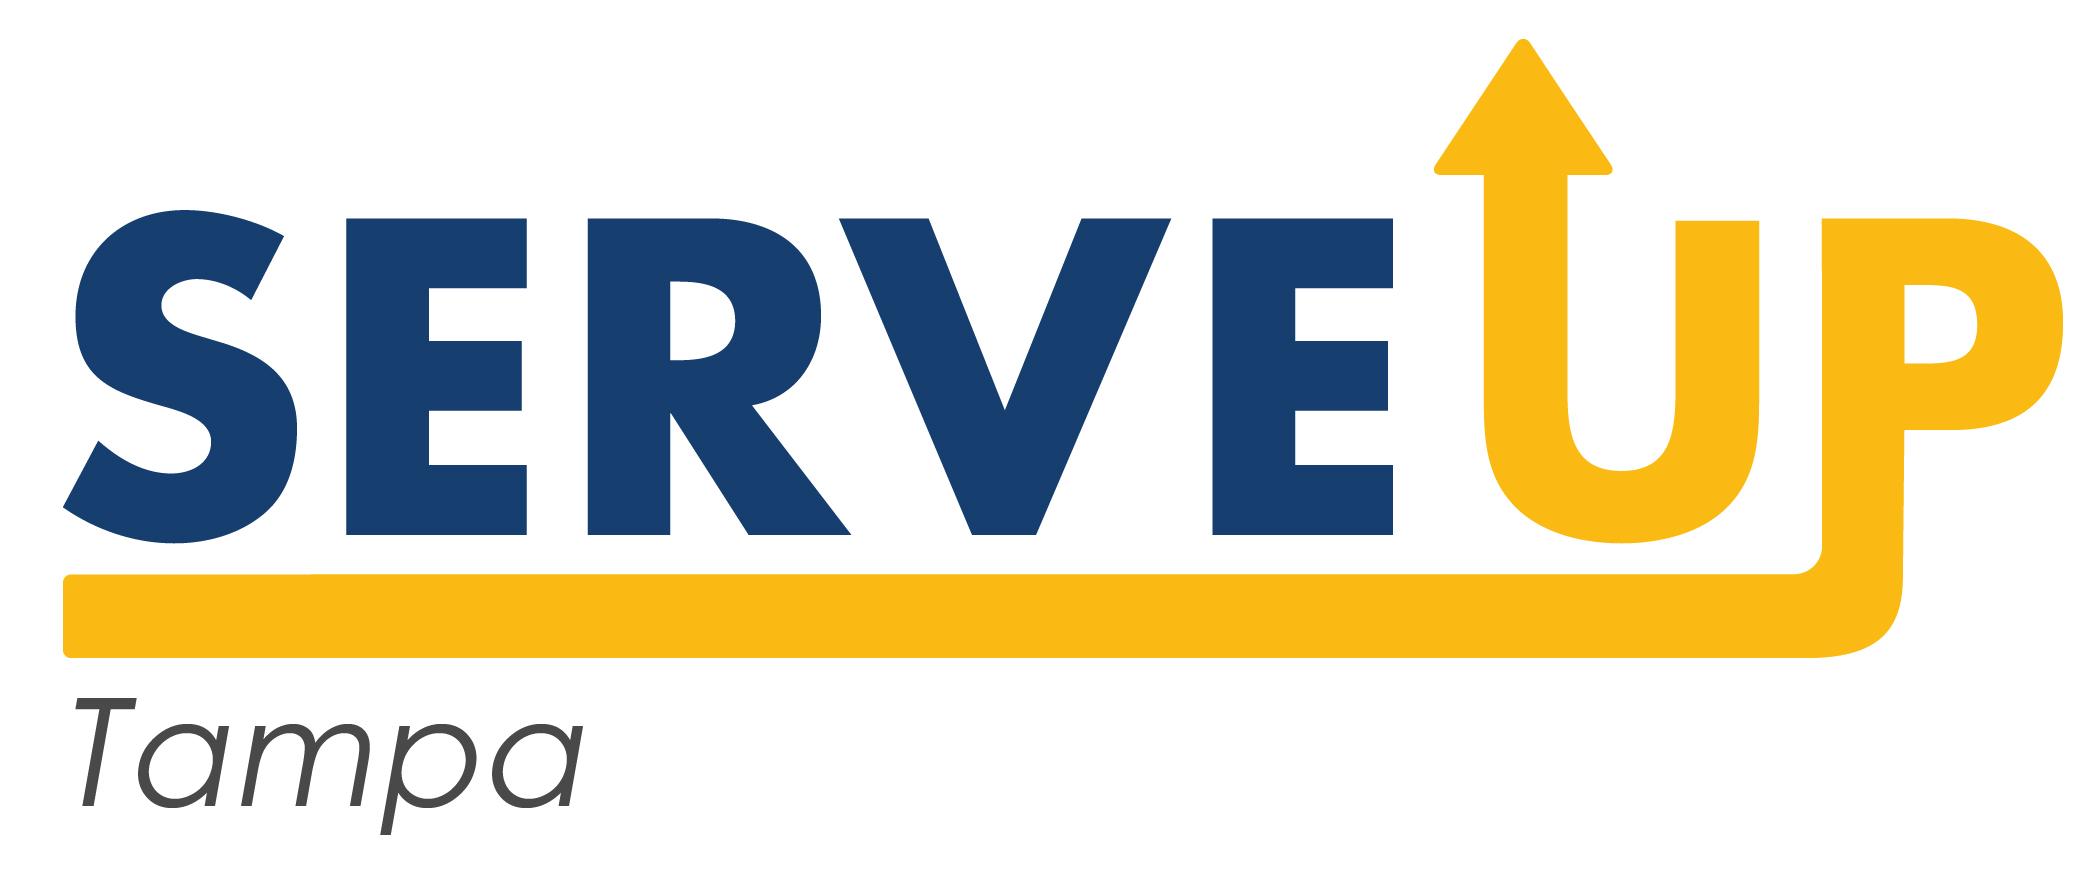 ServeUpTampa.org